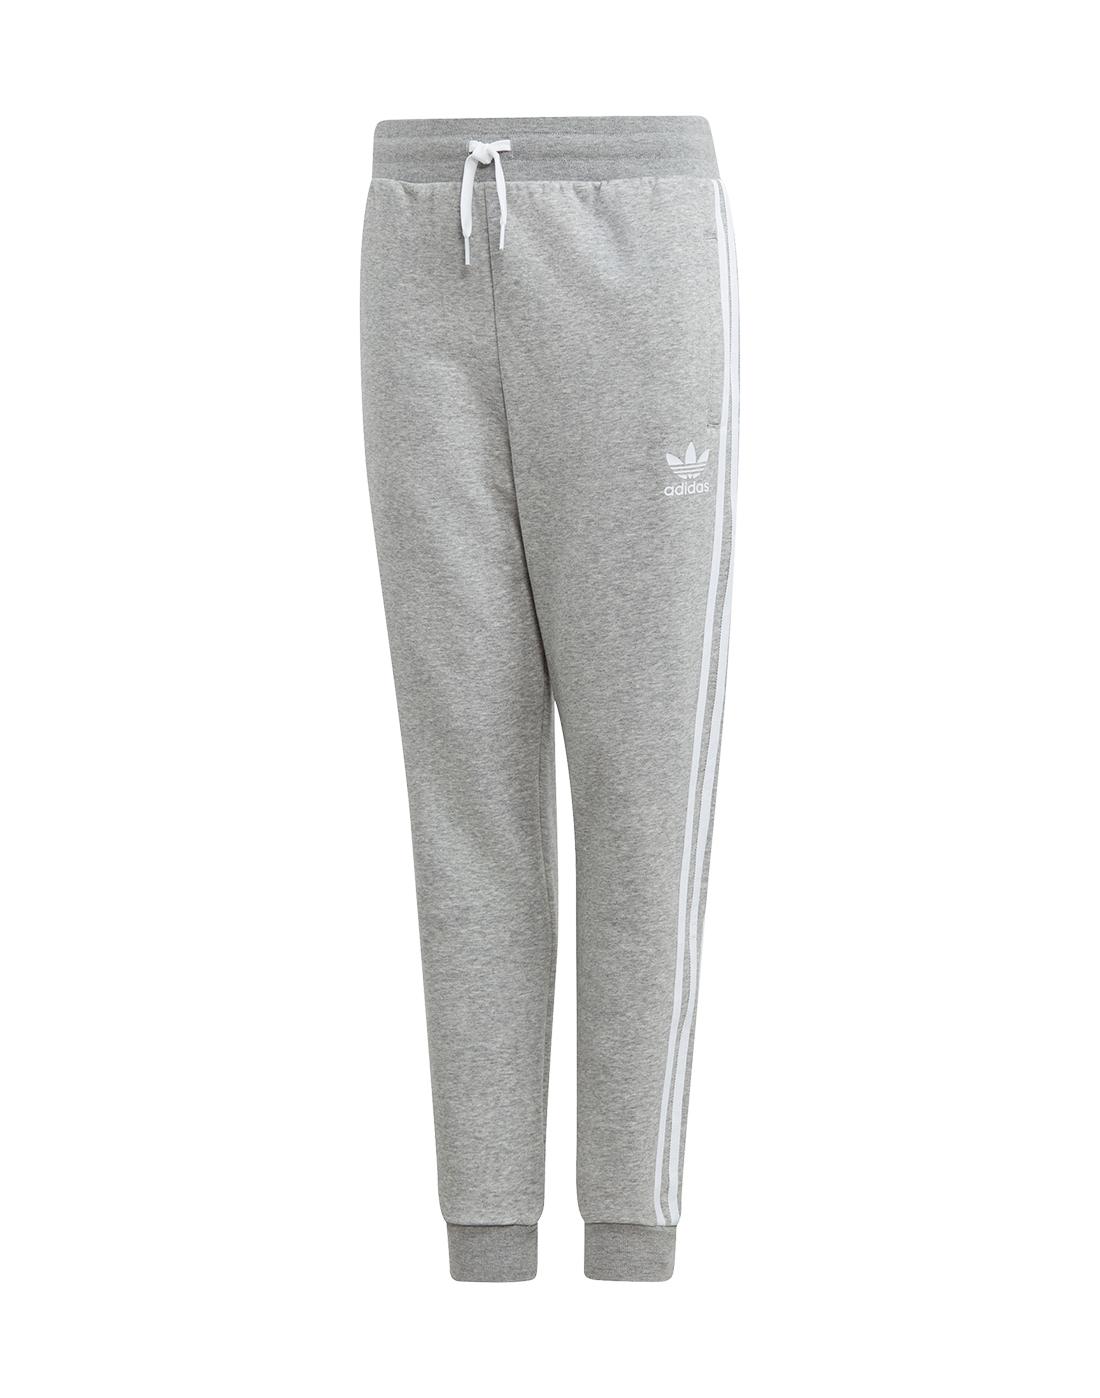 on sale 19e4c a5d7e Older Boys Trefoil Pants ...